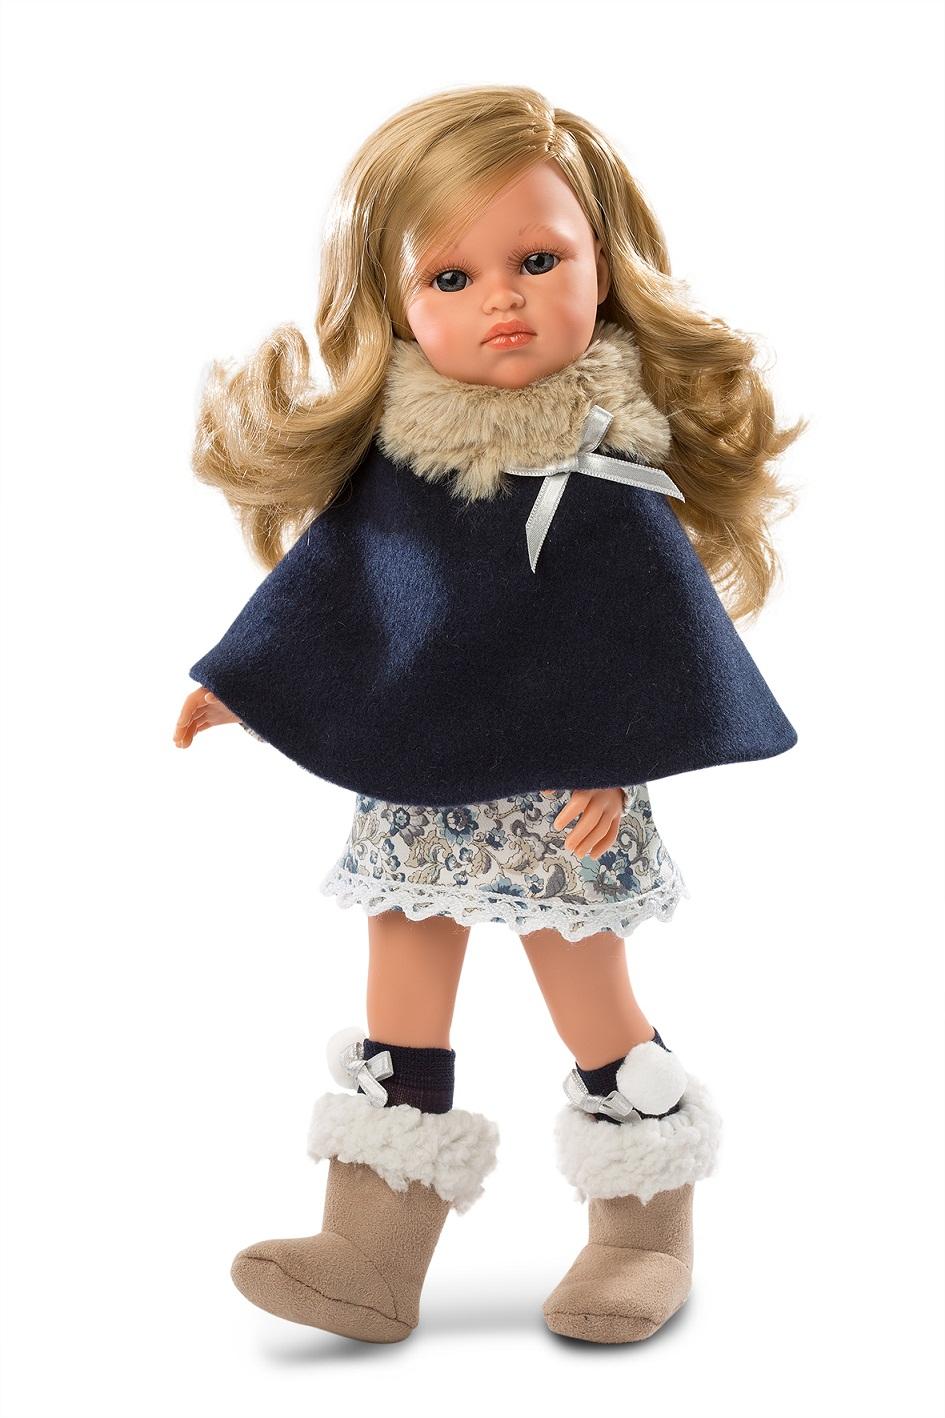 Купить Кукла Оливия в синем, 37 см, Llorens Juan